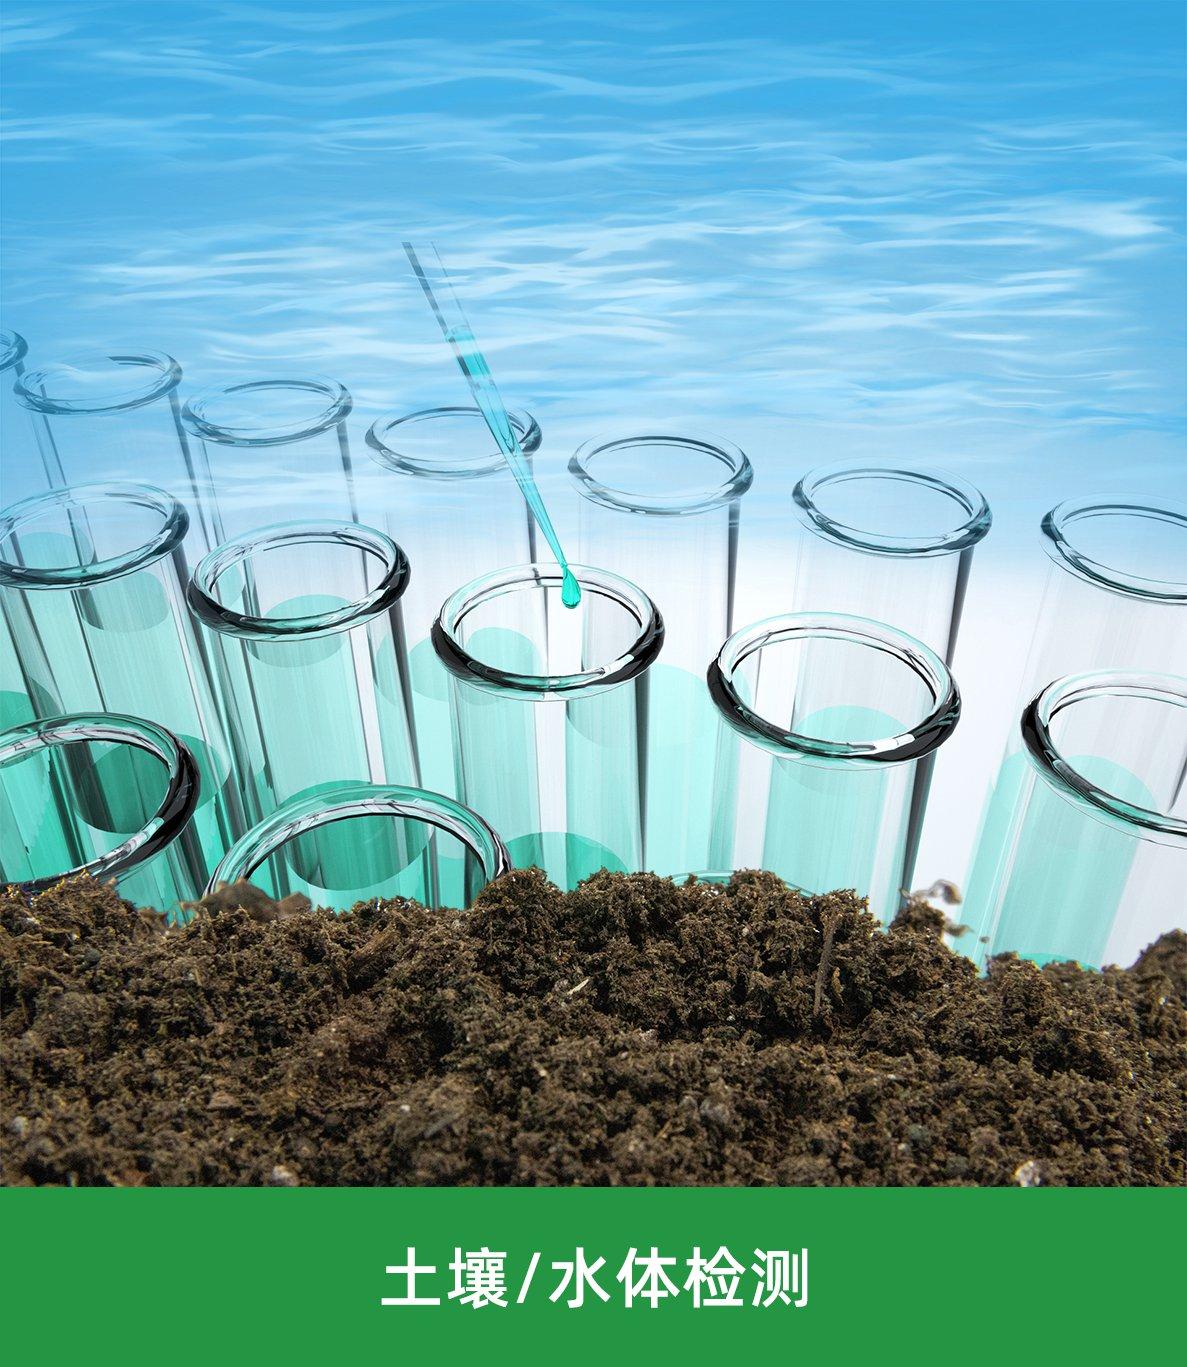 土壤/水体检测